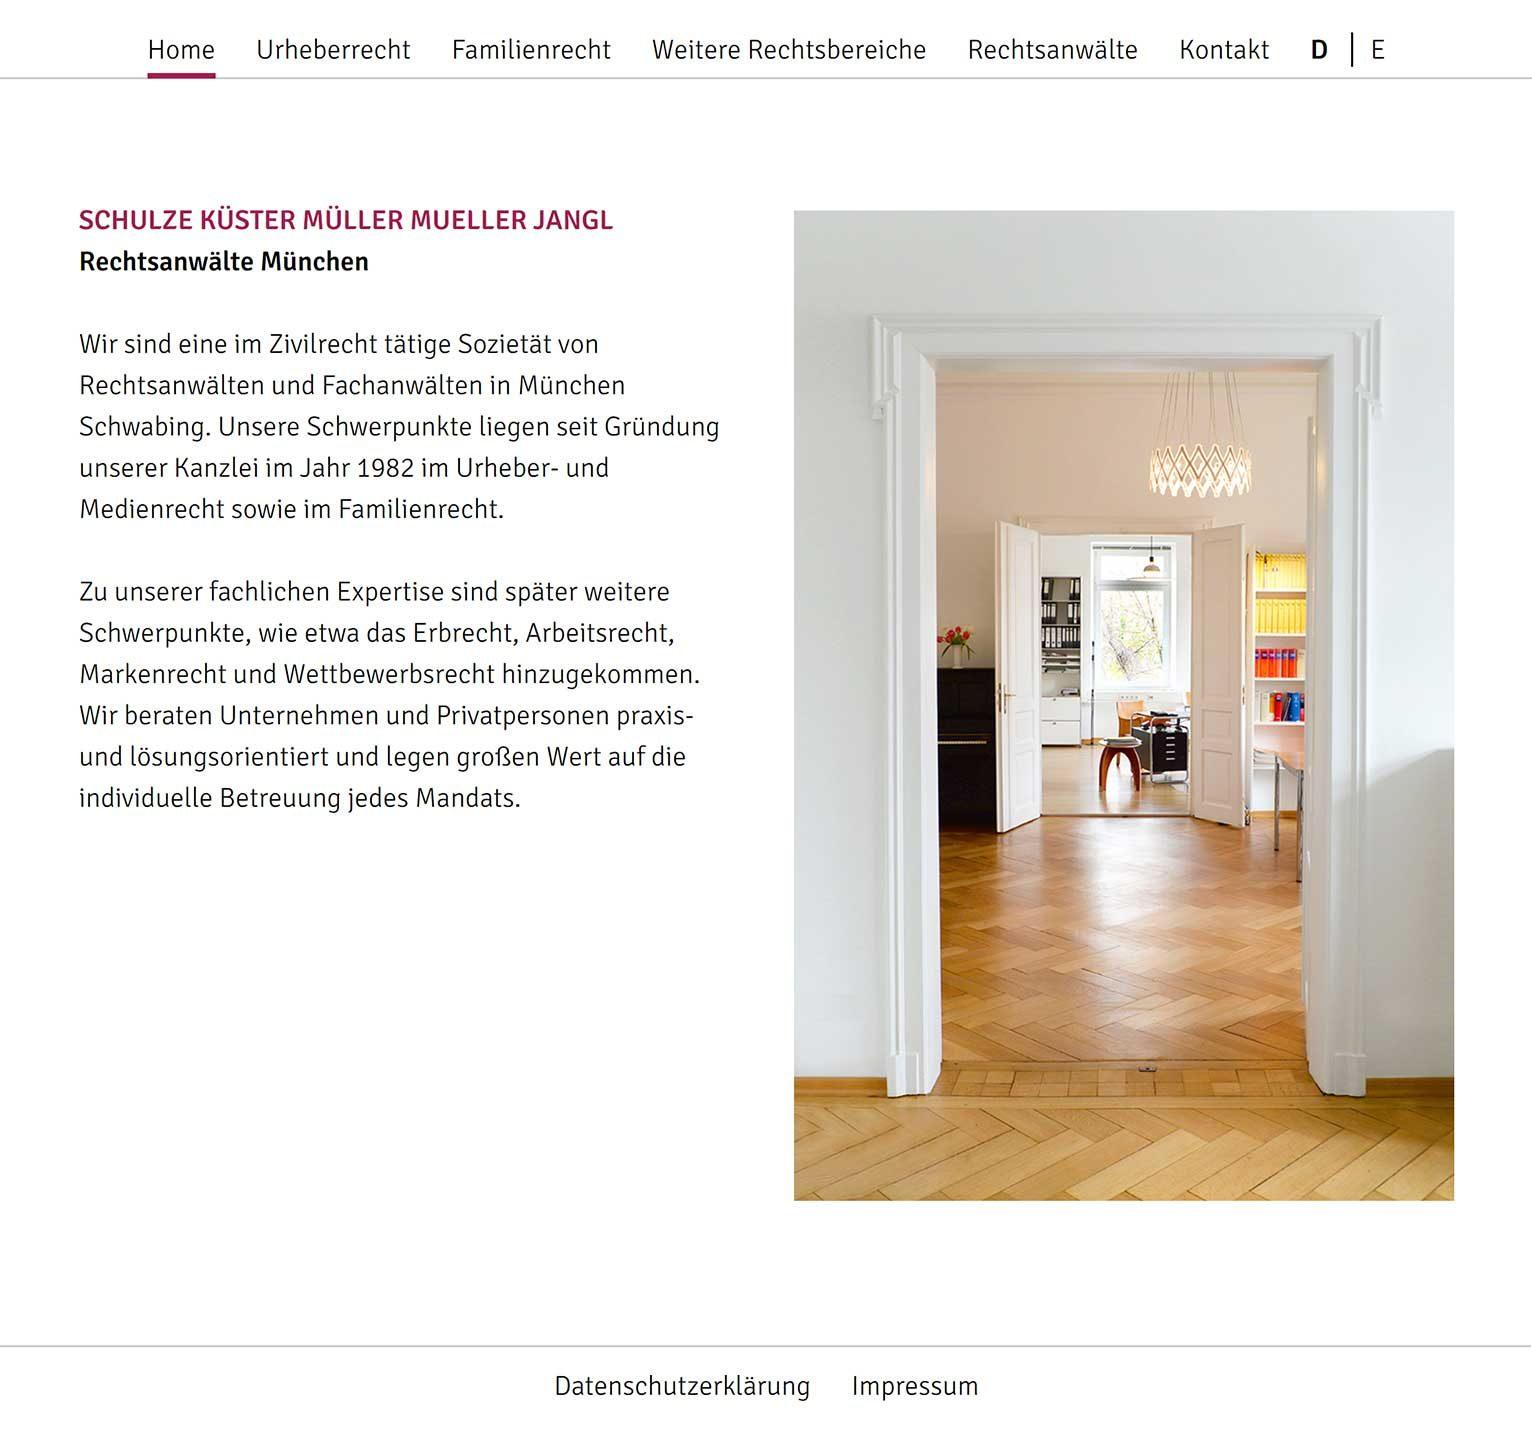 Beratung, Webprojekt, Rechtsanwälte, Luckypage, München, Agentur für Web, SEO, Digital Marketing, Komunikationsberatung, München